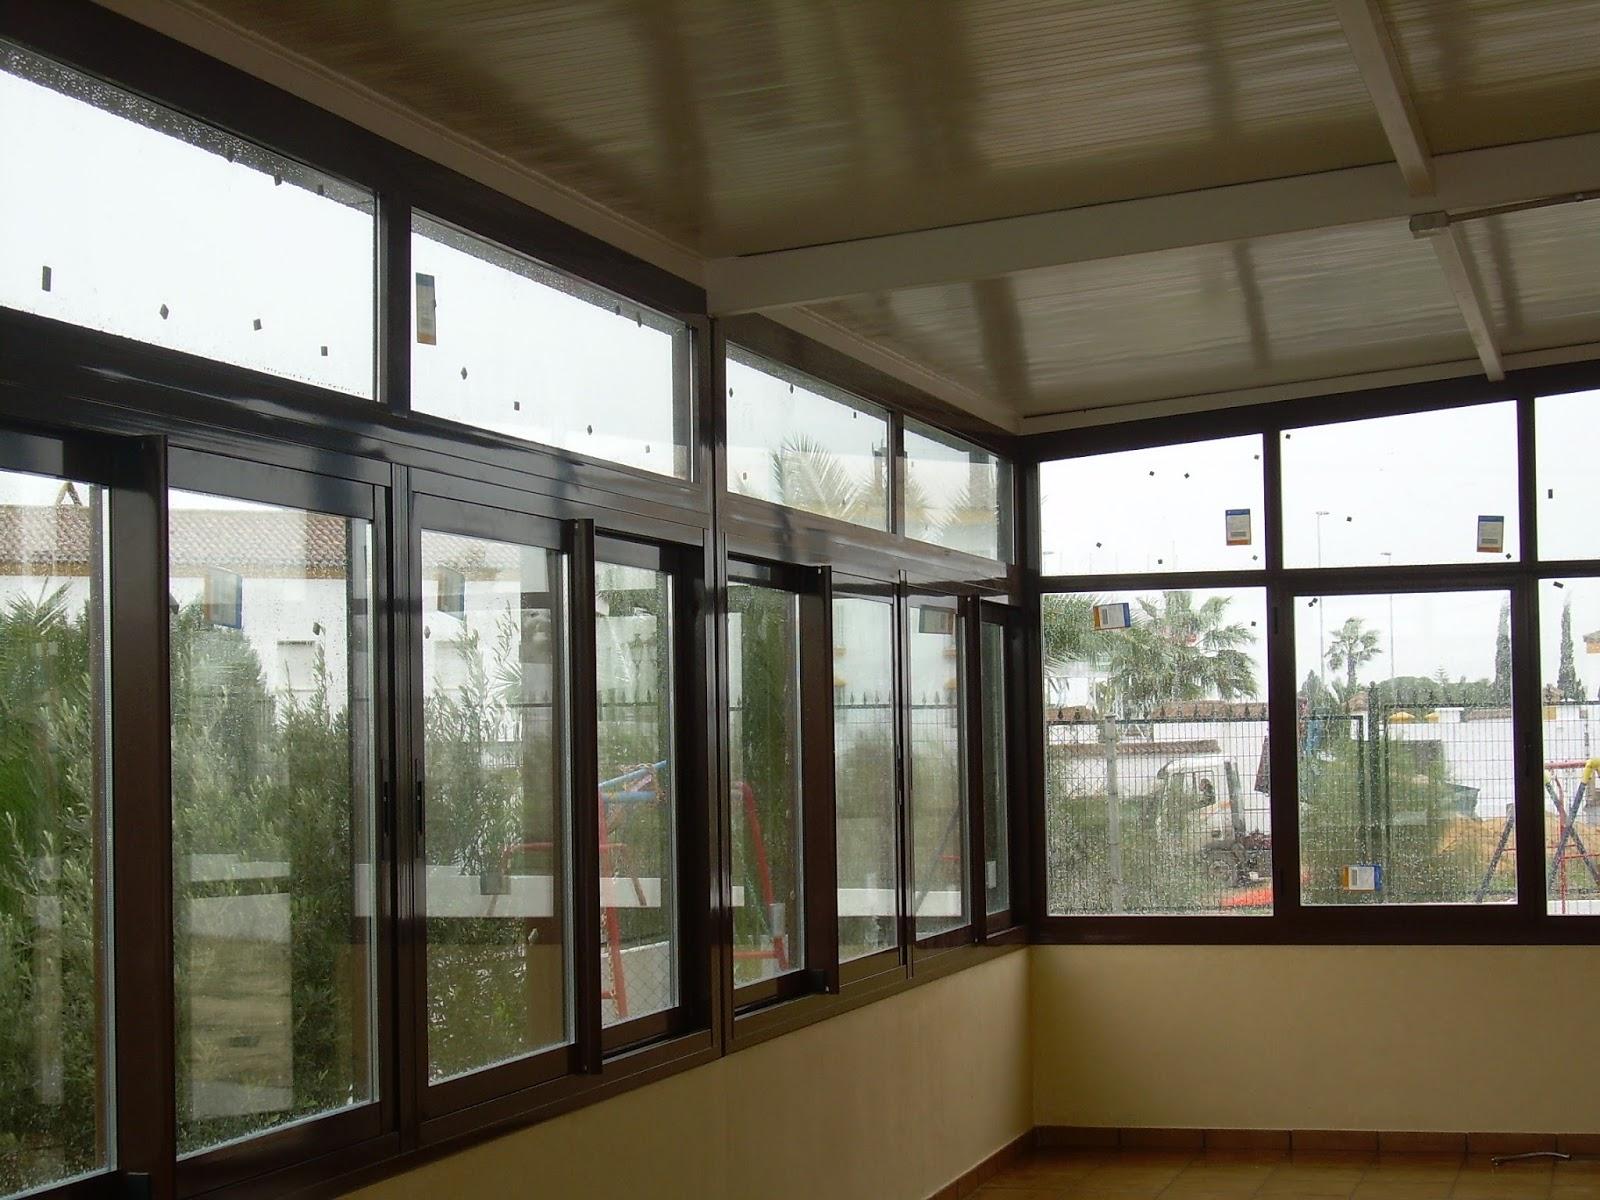 de balcones